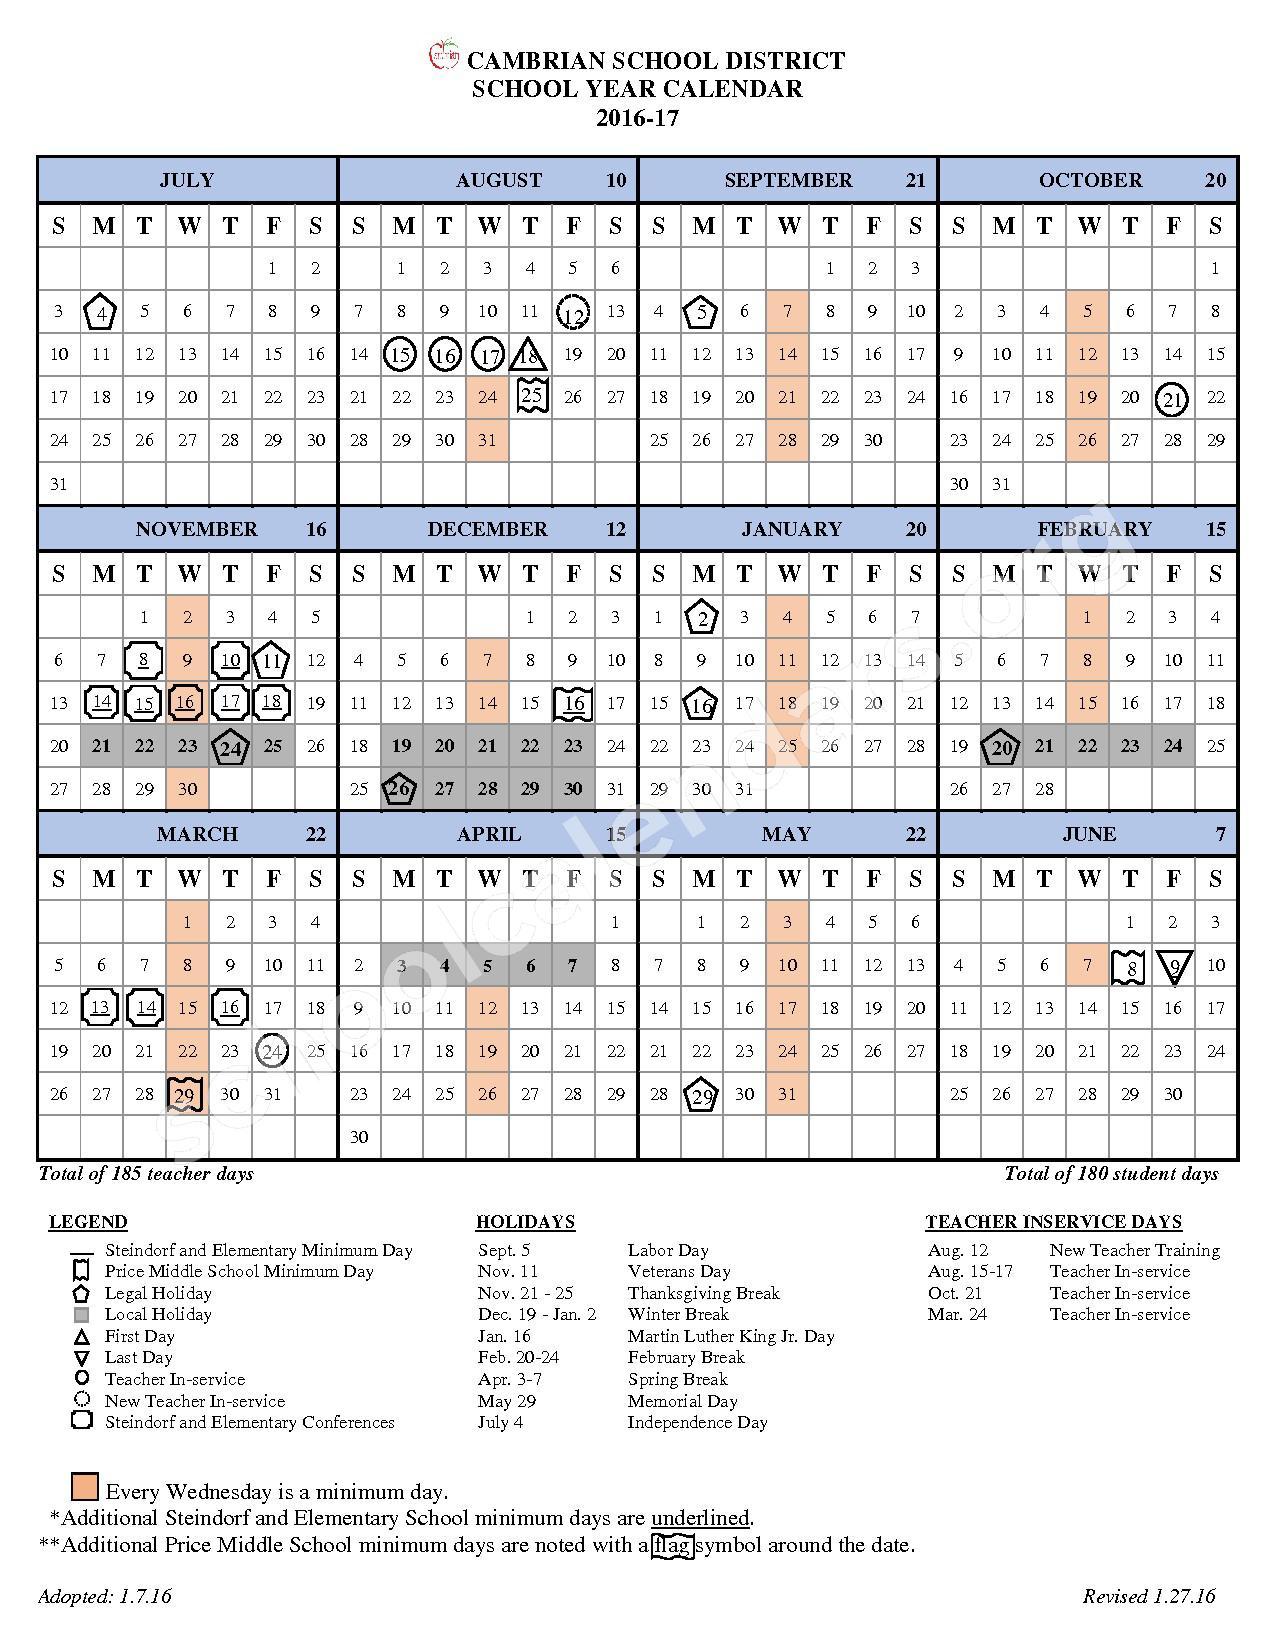 2016 - 2017 School Calendar – Cambrian School District – page 1